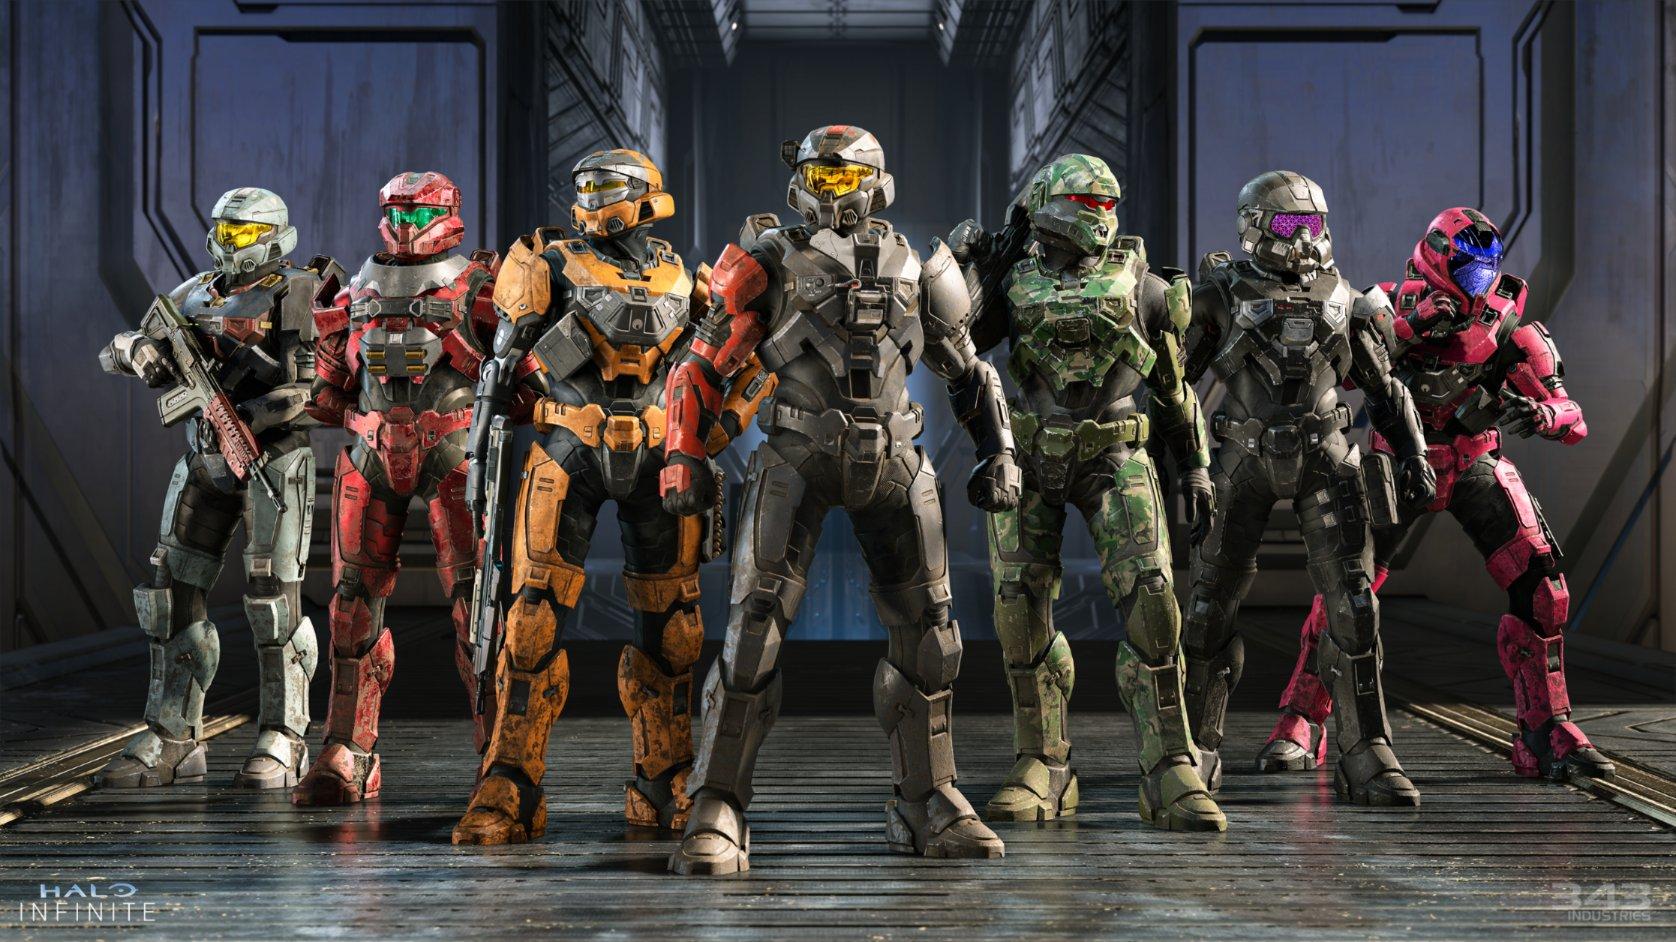 Halo-Infinite-Gameplay-und-Enth-llung-der-kompetitiven-Einstellungen